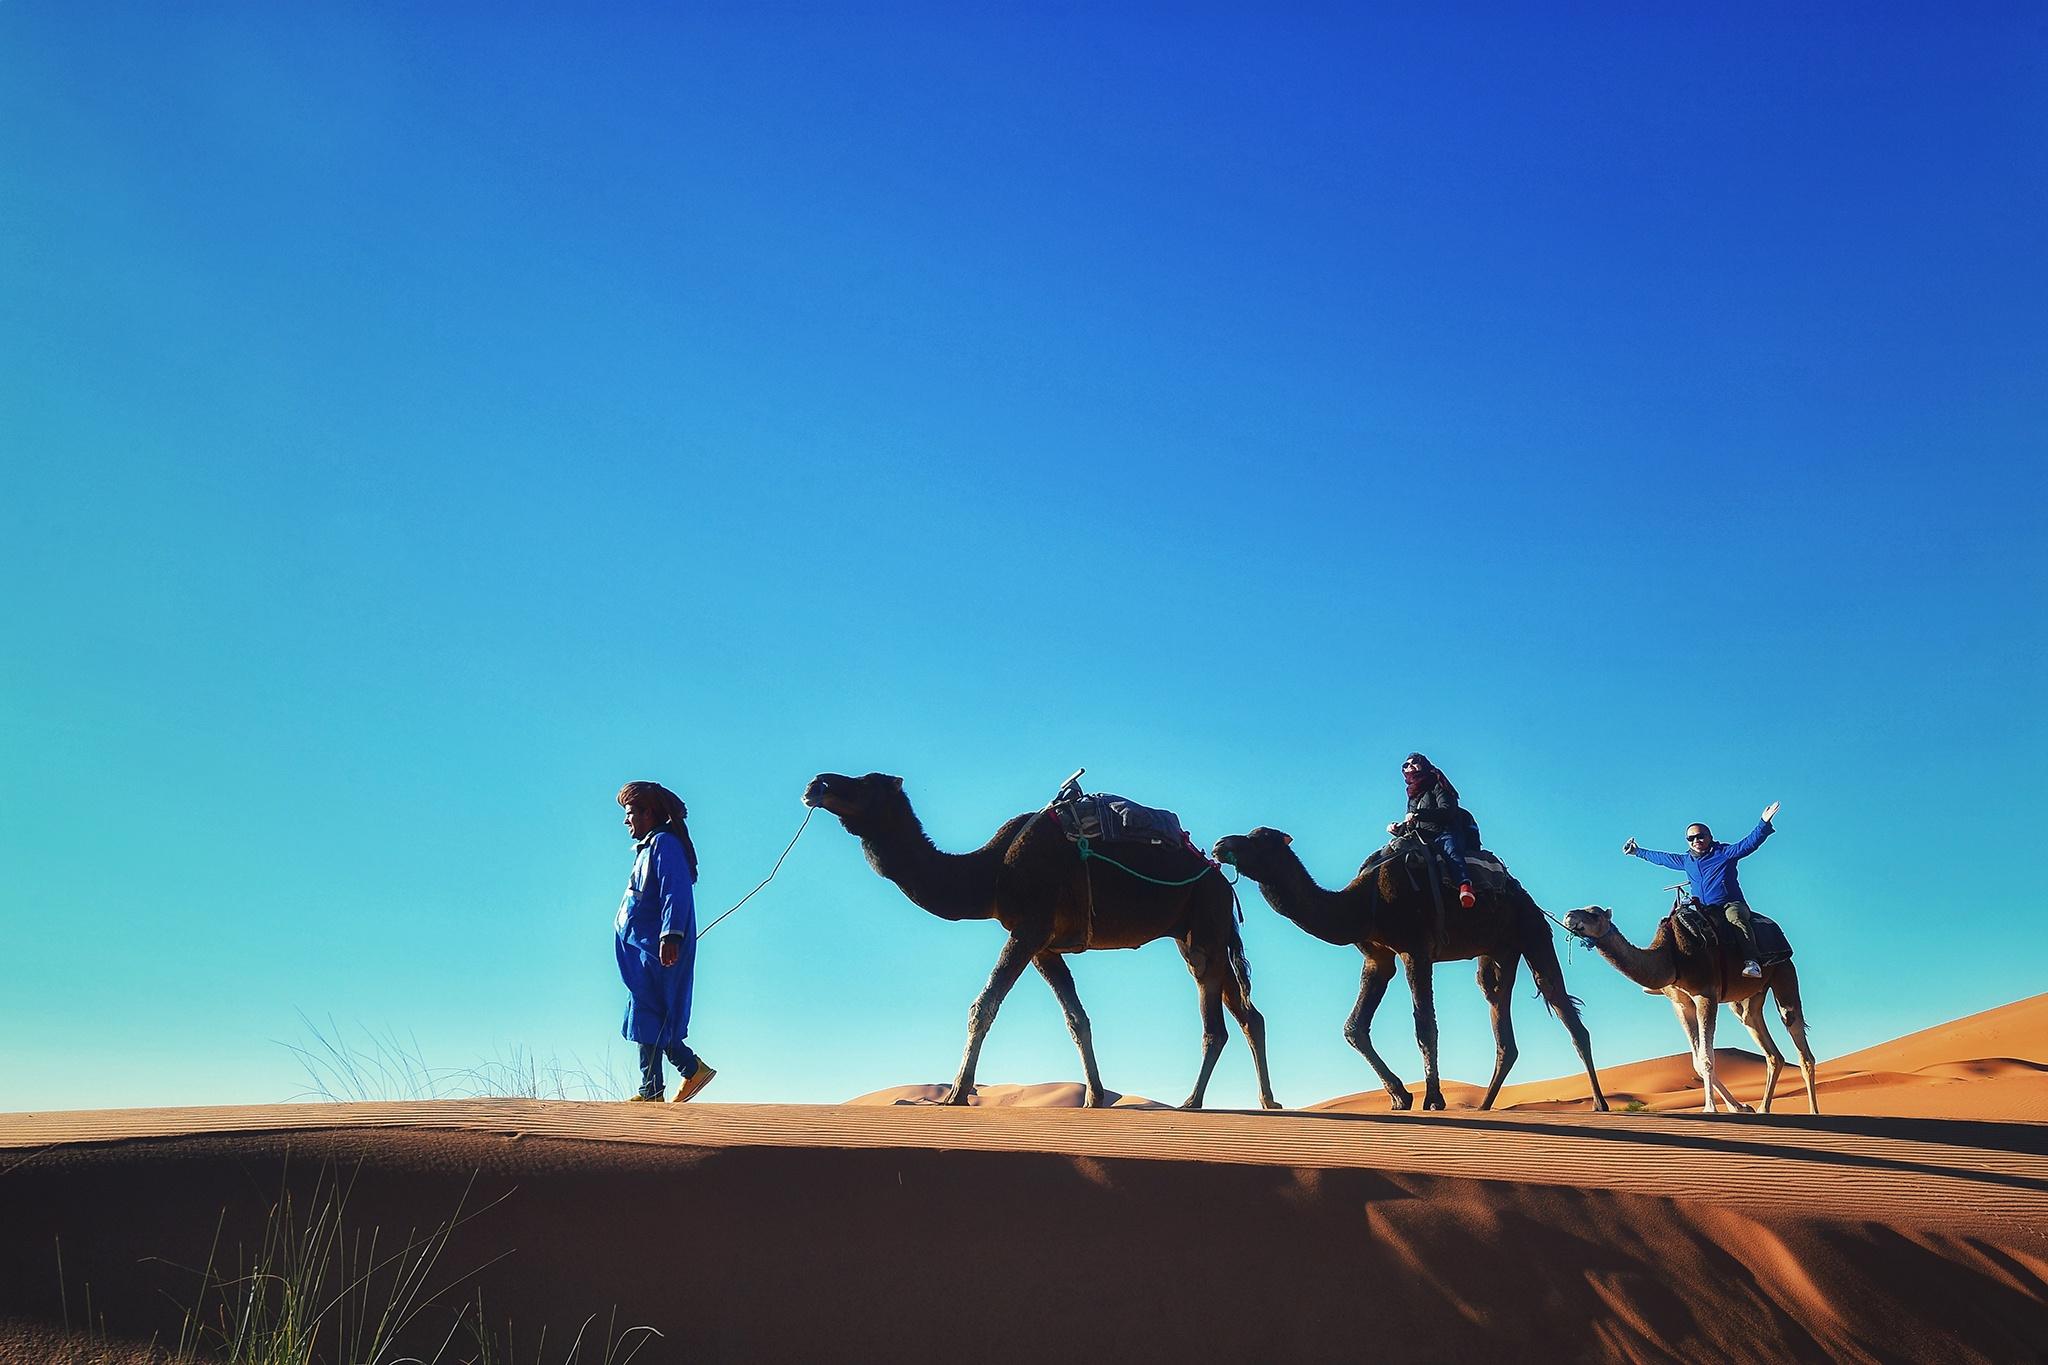 Mua dong o xu so lanh gia Morocco hinh anh 47